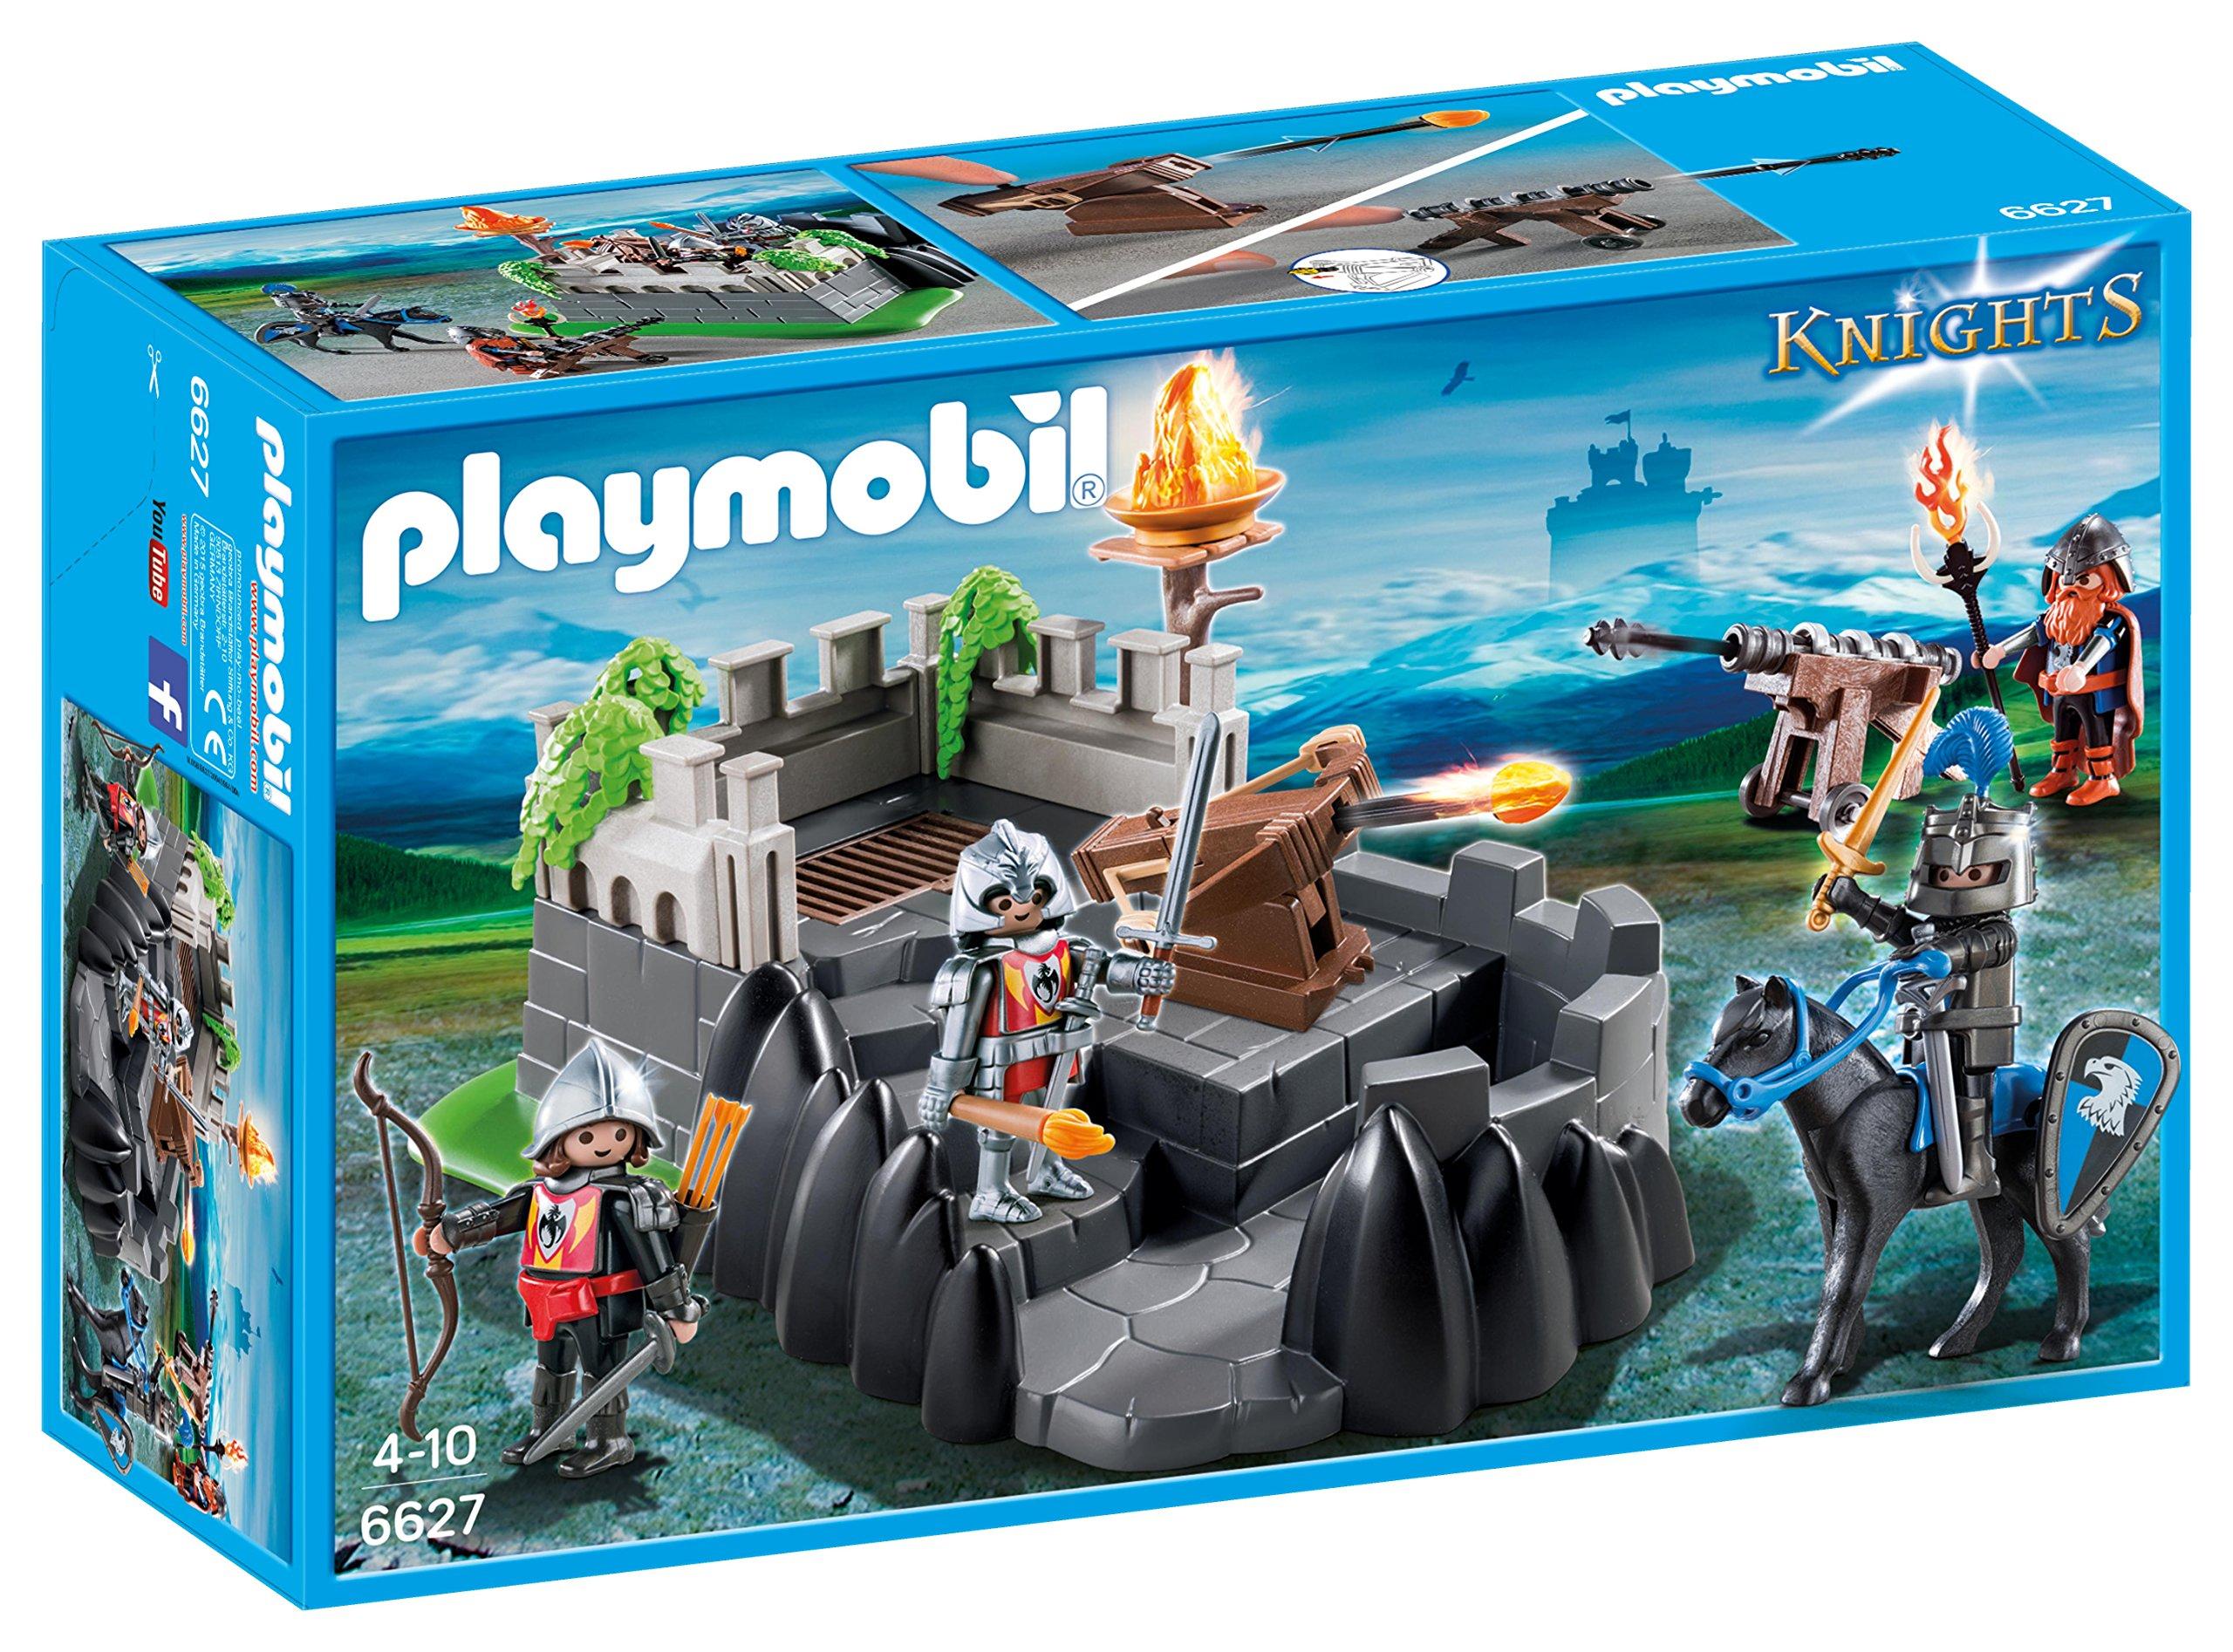 PLAYMOBIL Caballeros- Dragon Knights Fort Playset, Multicolor, Miscelanea (6627): Amazon.es: Juguetes y juegos